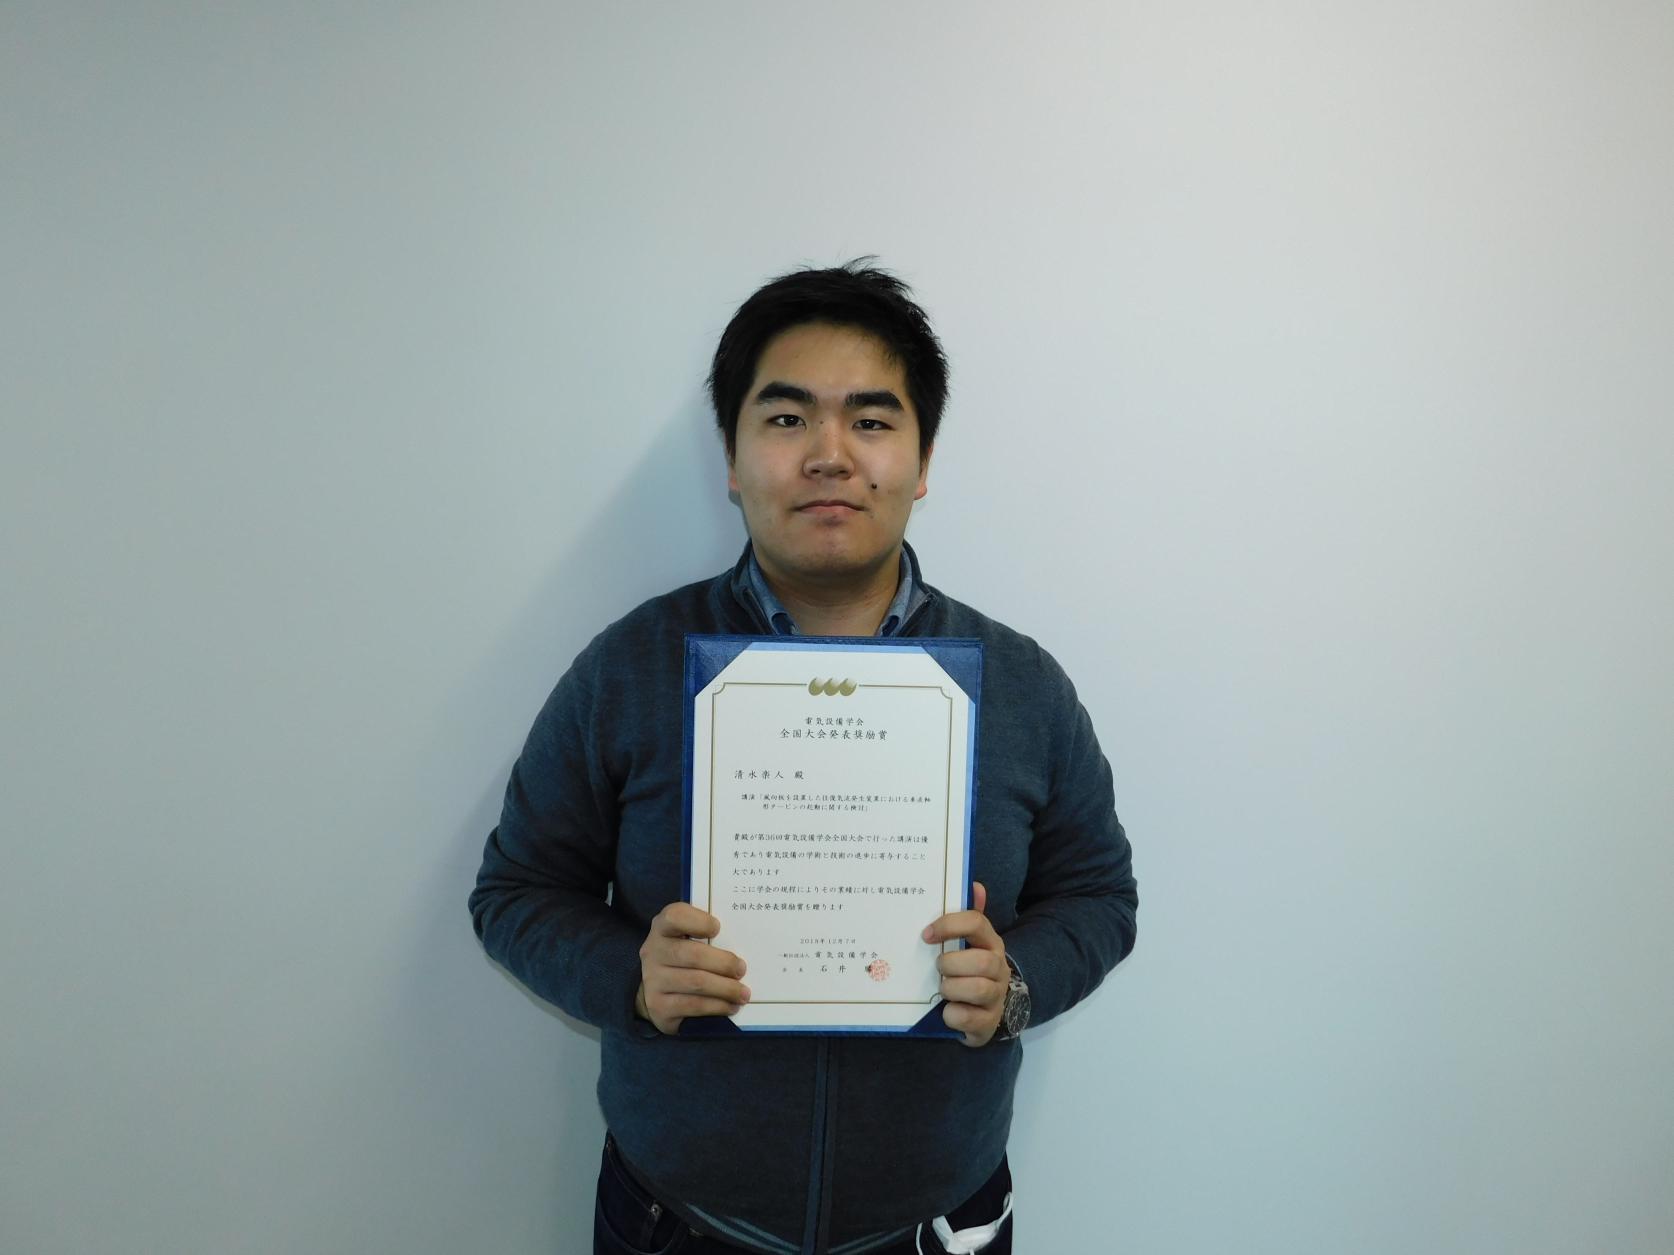 電気工学専攻博士前期課程の清水楽人さんが「第36回 電気設備学会全国大会」にて全国大会発表奨励賞を受賞しました。